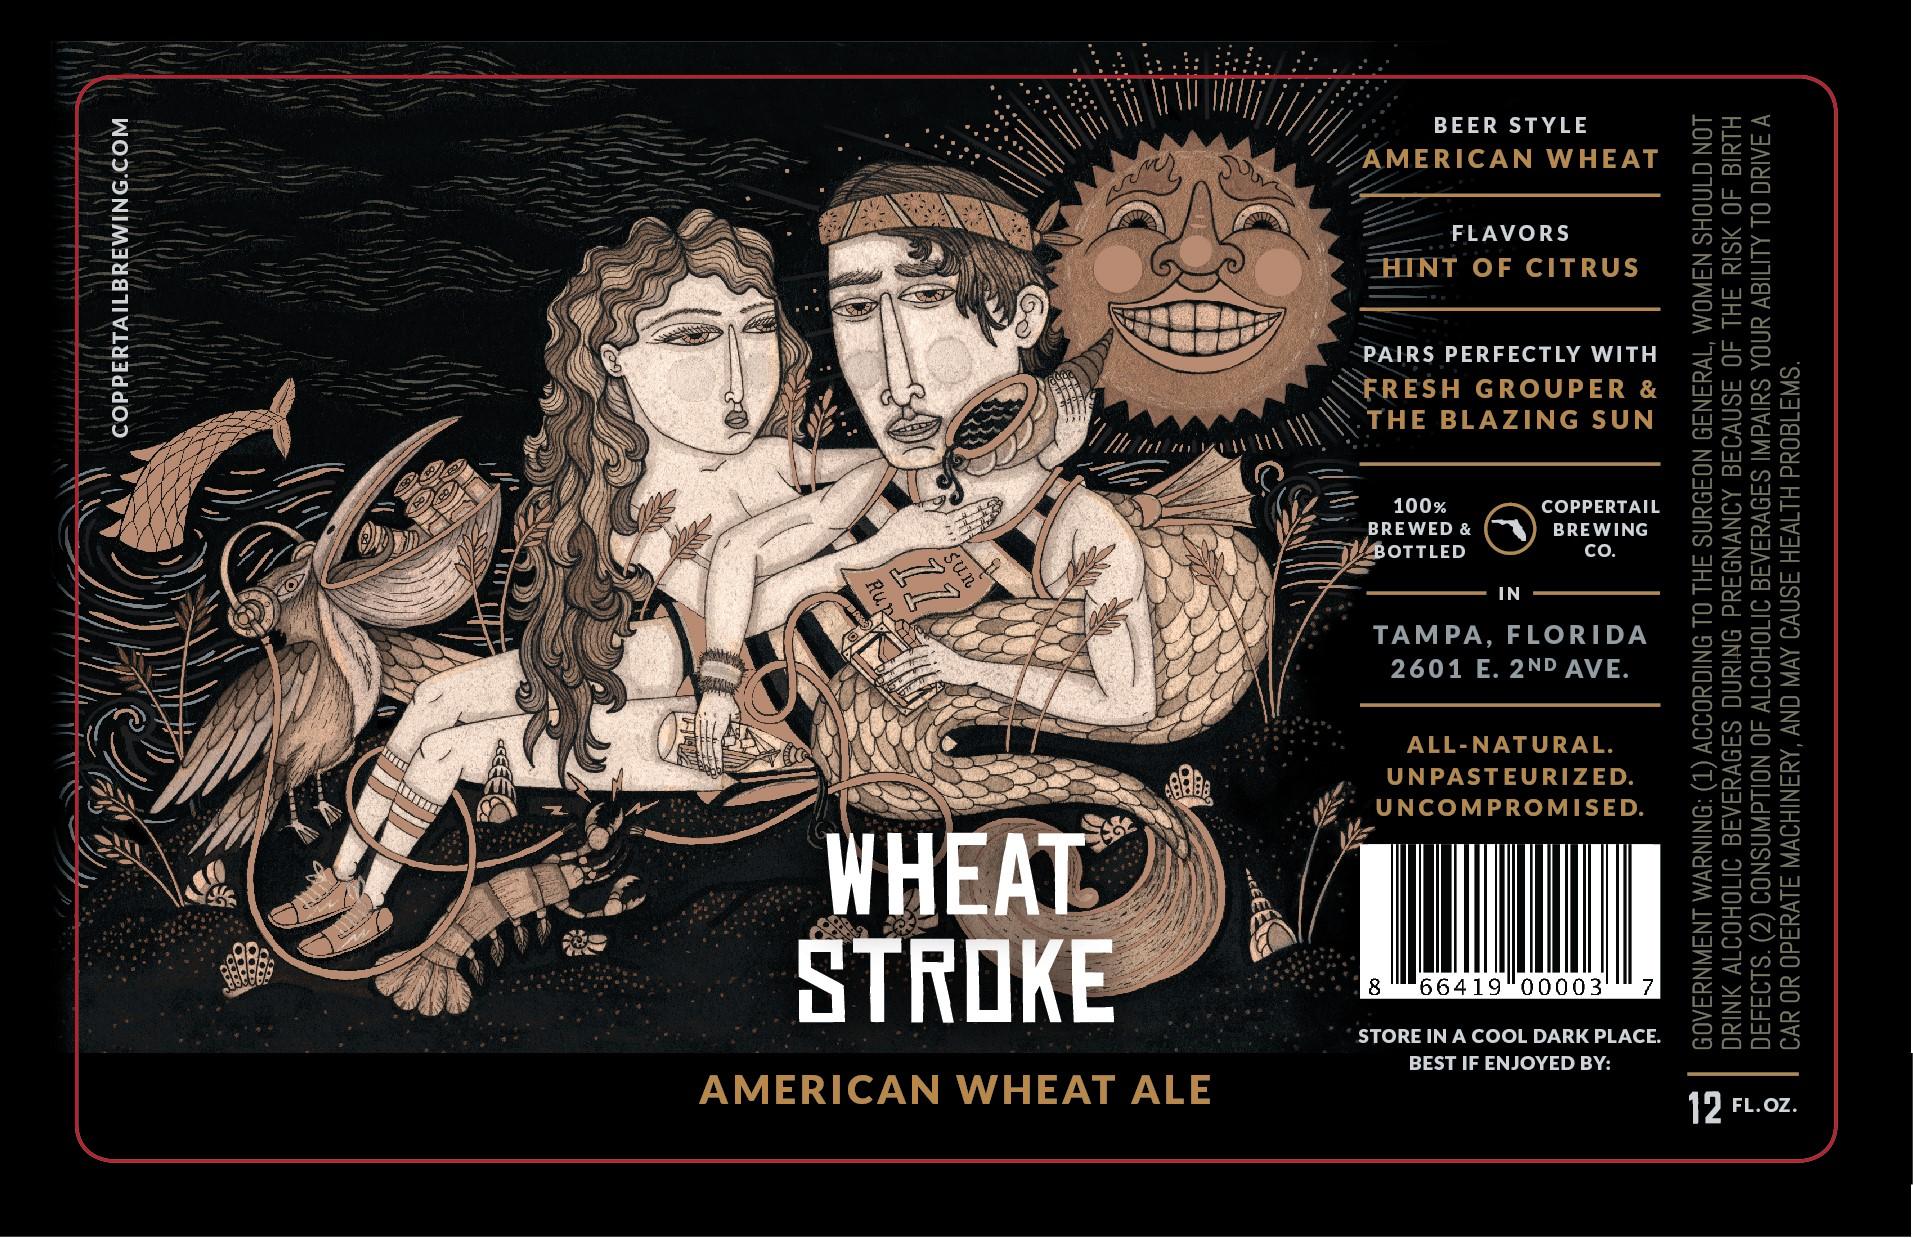 Wheat Stroke New.jpg